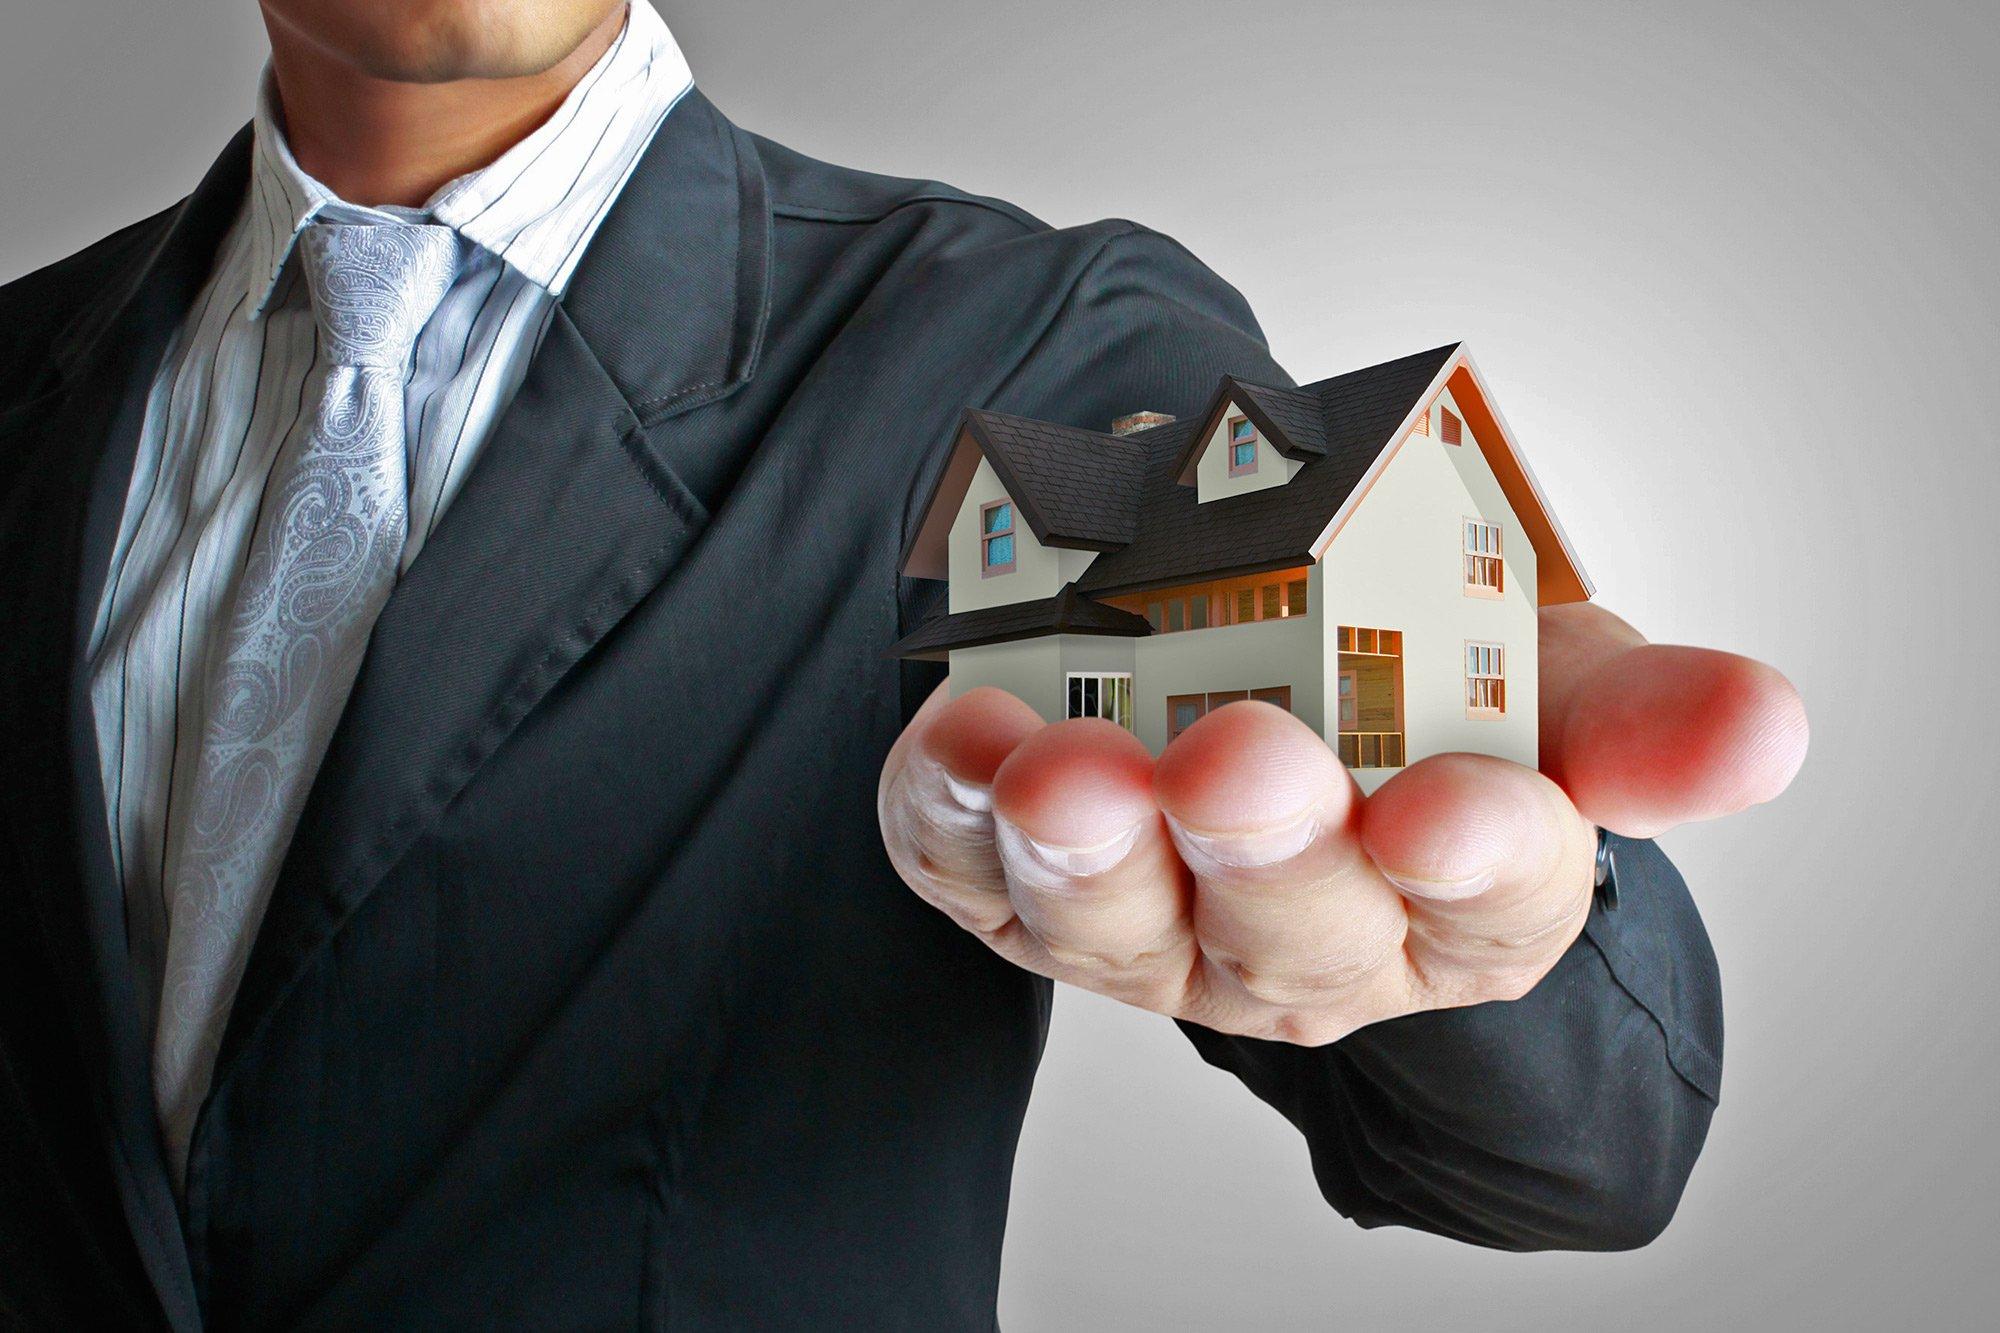 Приватизировать жилье бесплатно можно будет до 2017 г.